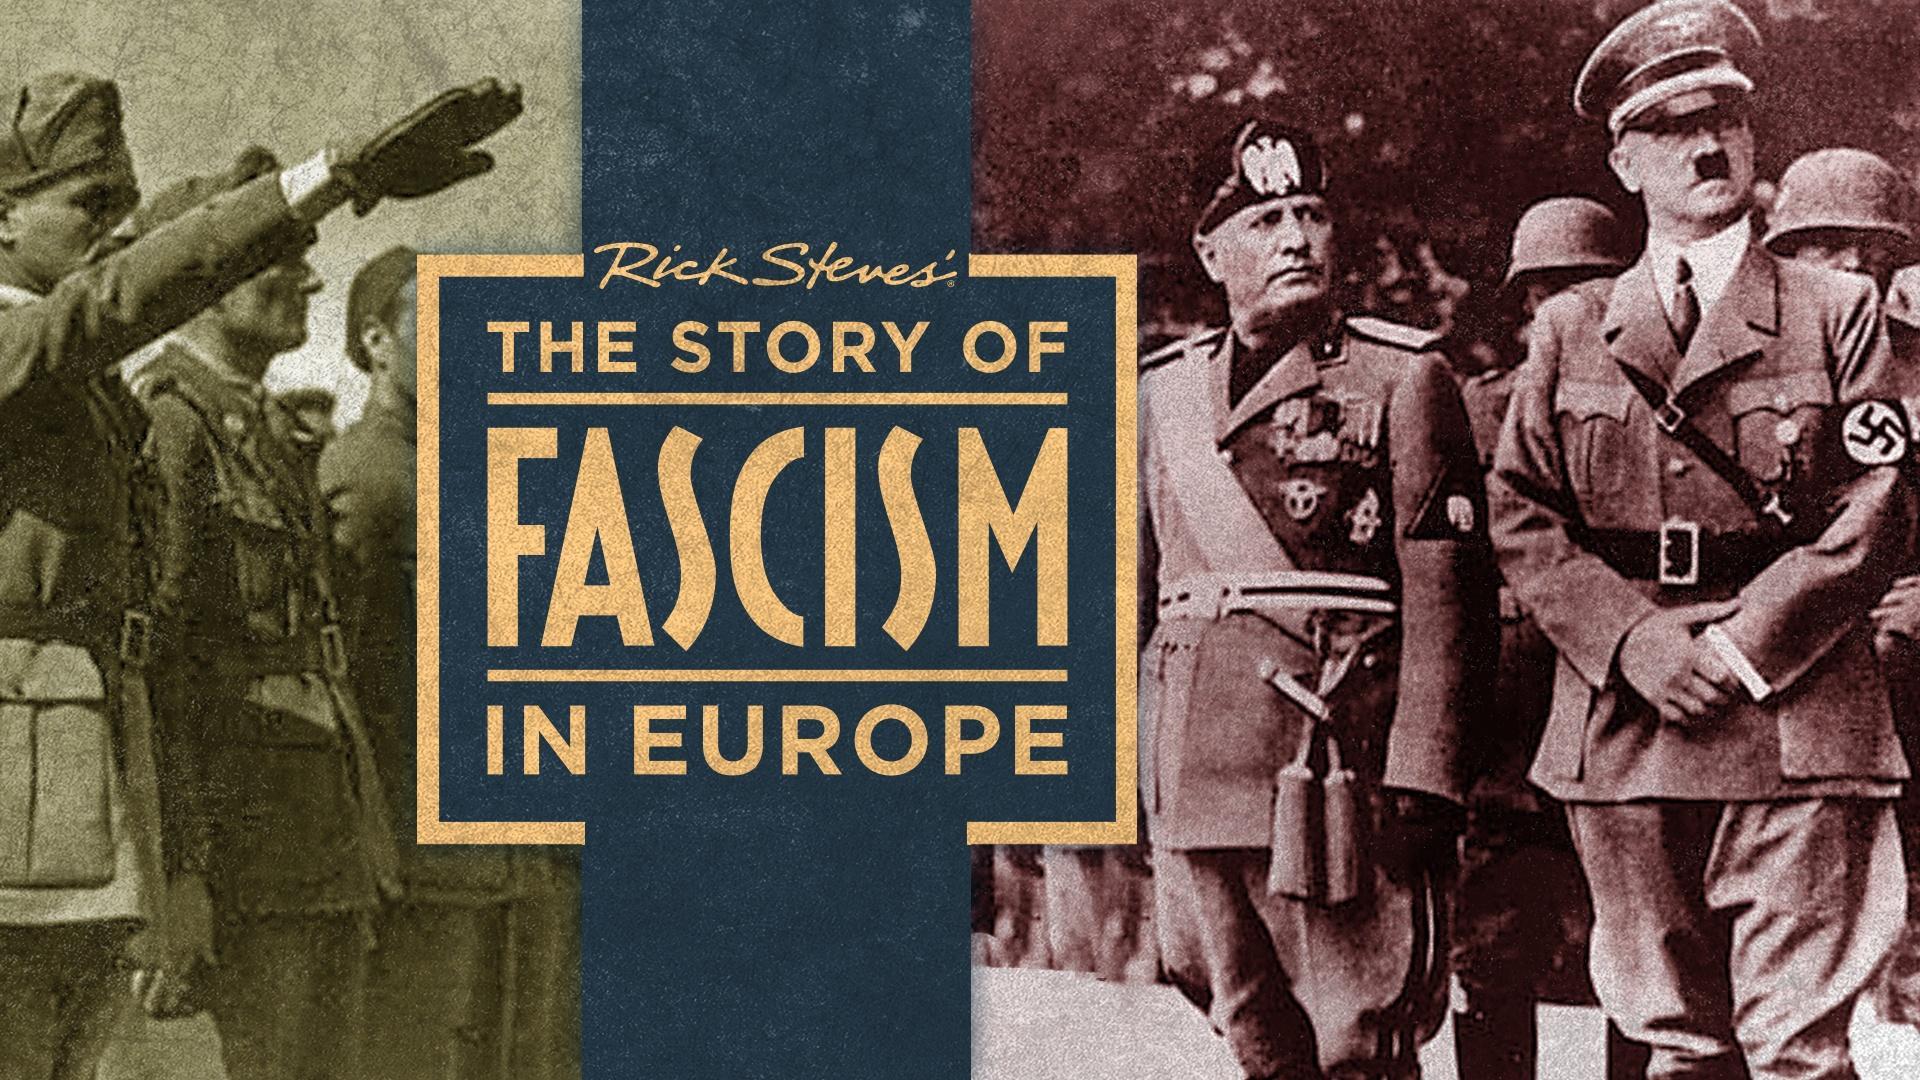 Rick Steves the story of fascism in Europe